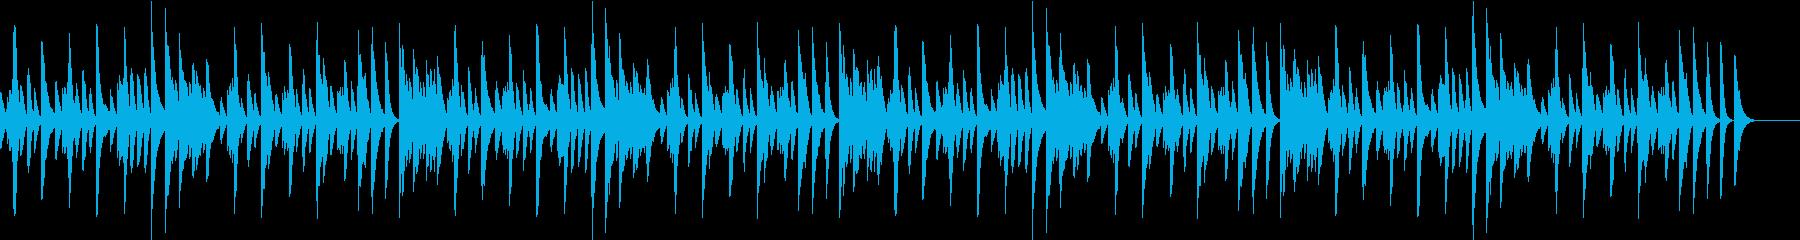 じゃれる猫を題材にした軽快なピアノBGMの再生済みの波形